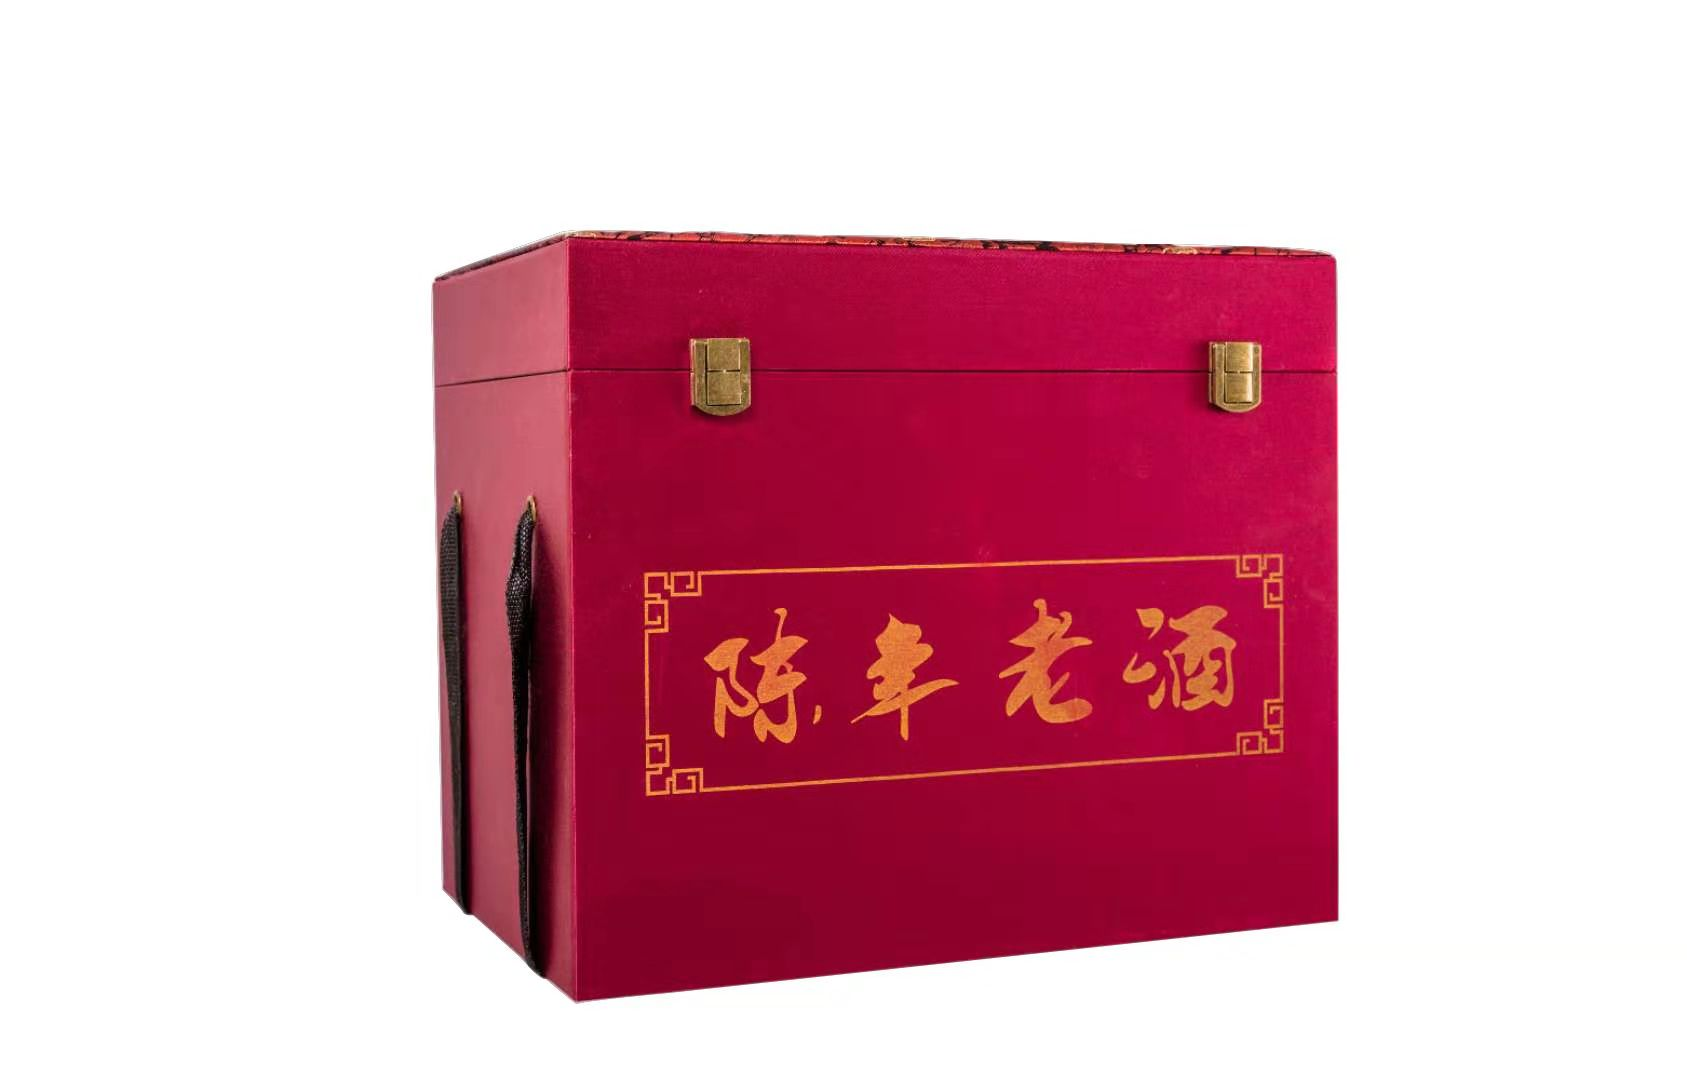 陈年老酒锦盒红色(6瓶装)